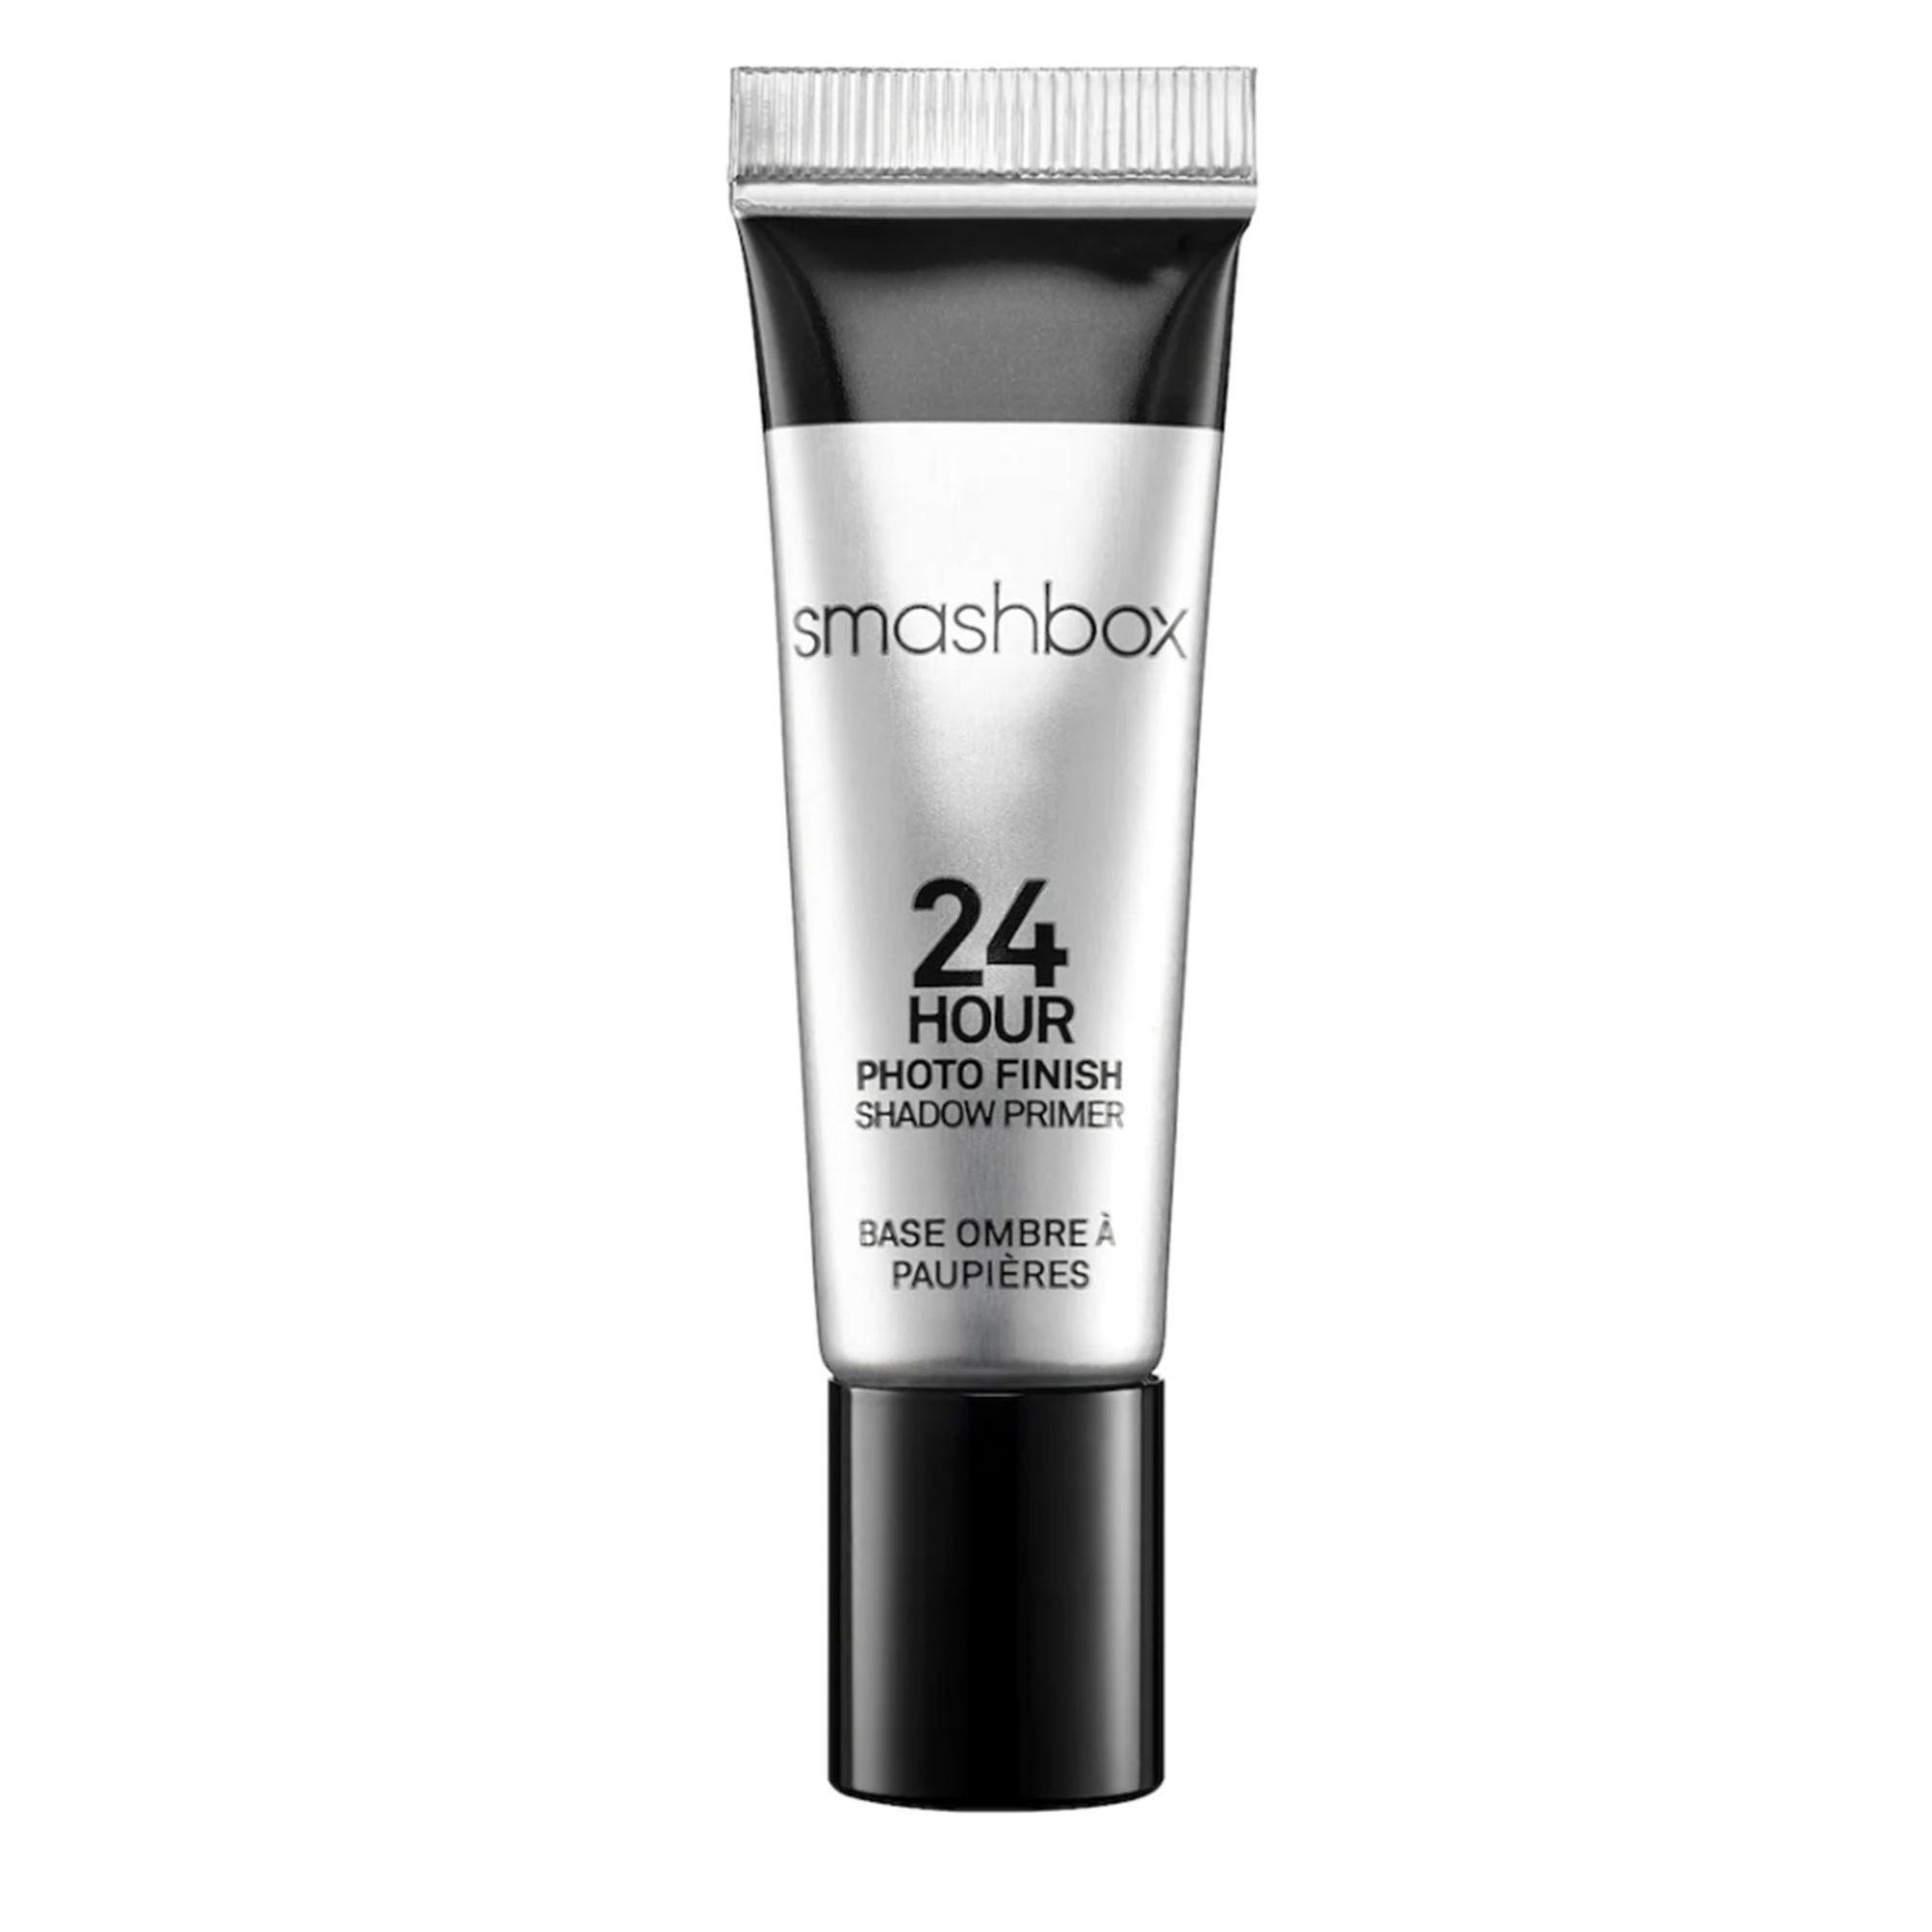 smashbox-photo-finish-eyeshadow-primer, eyeshadow-primer-for-oily-lids